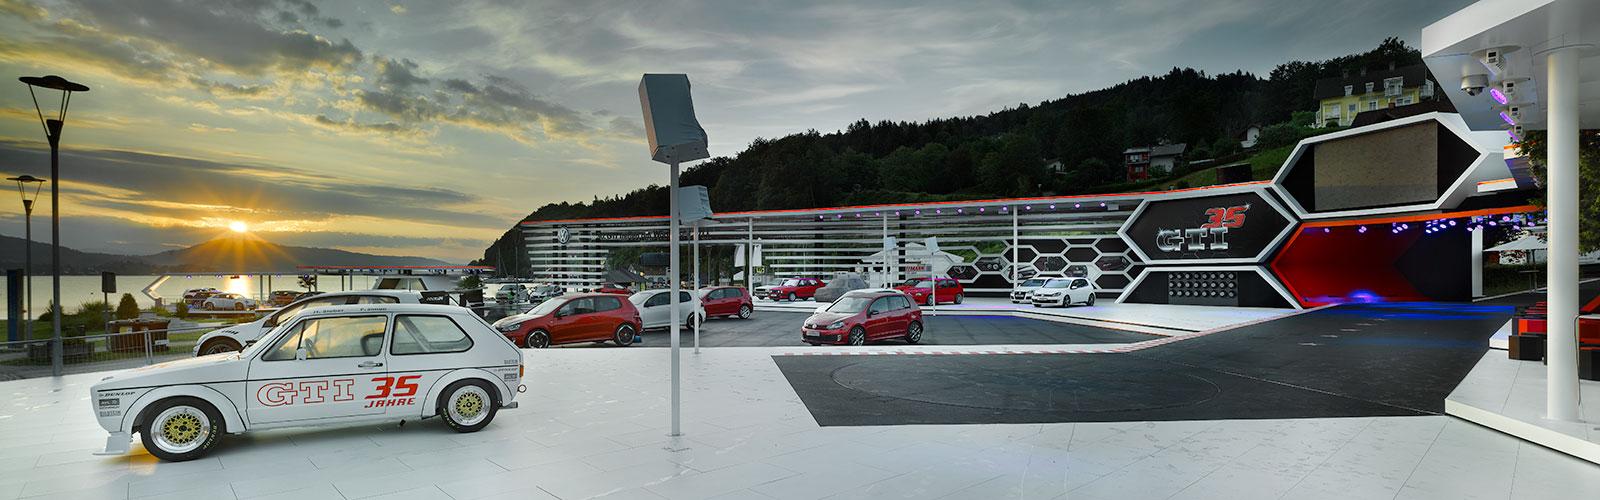 Braunwagner Spatial und Interior Design Volkswagen Golf GTI Treffen 2011-2015